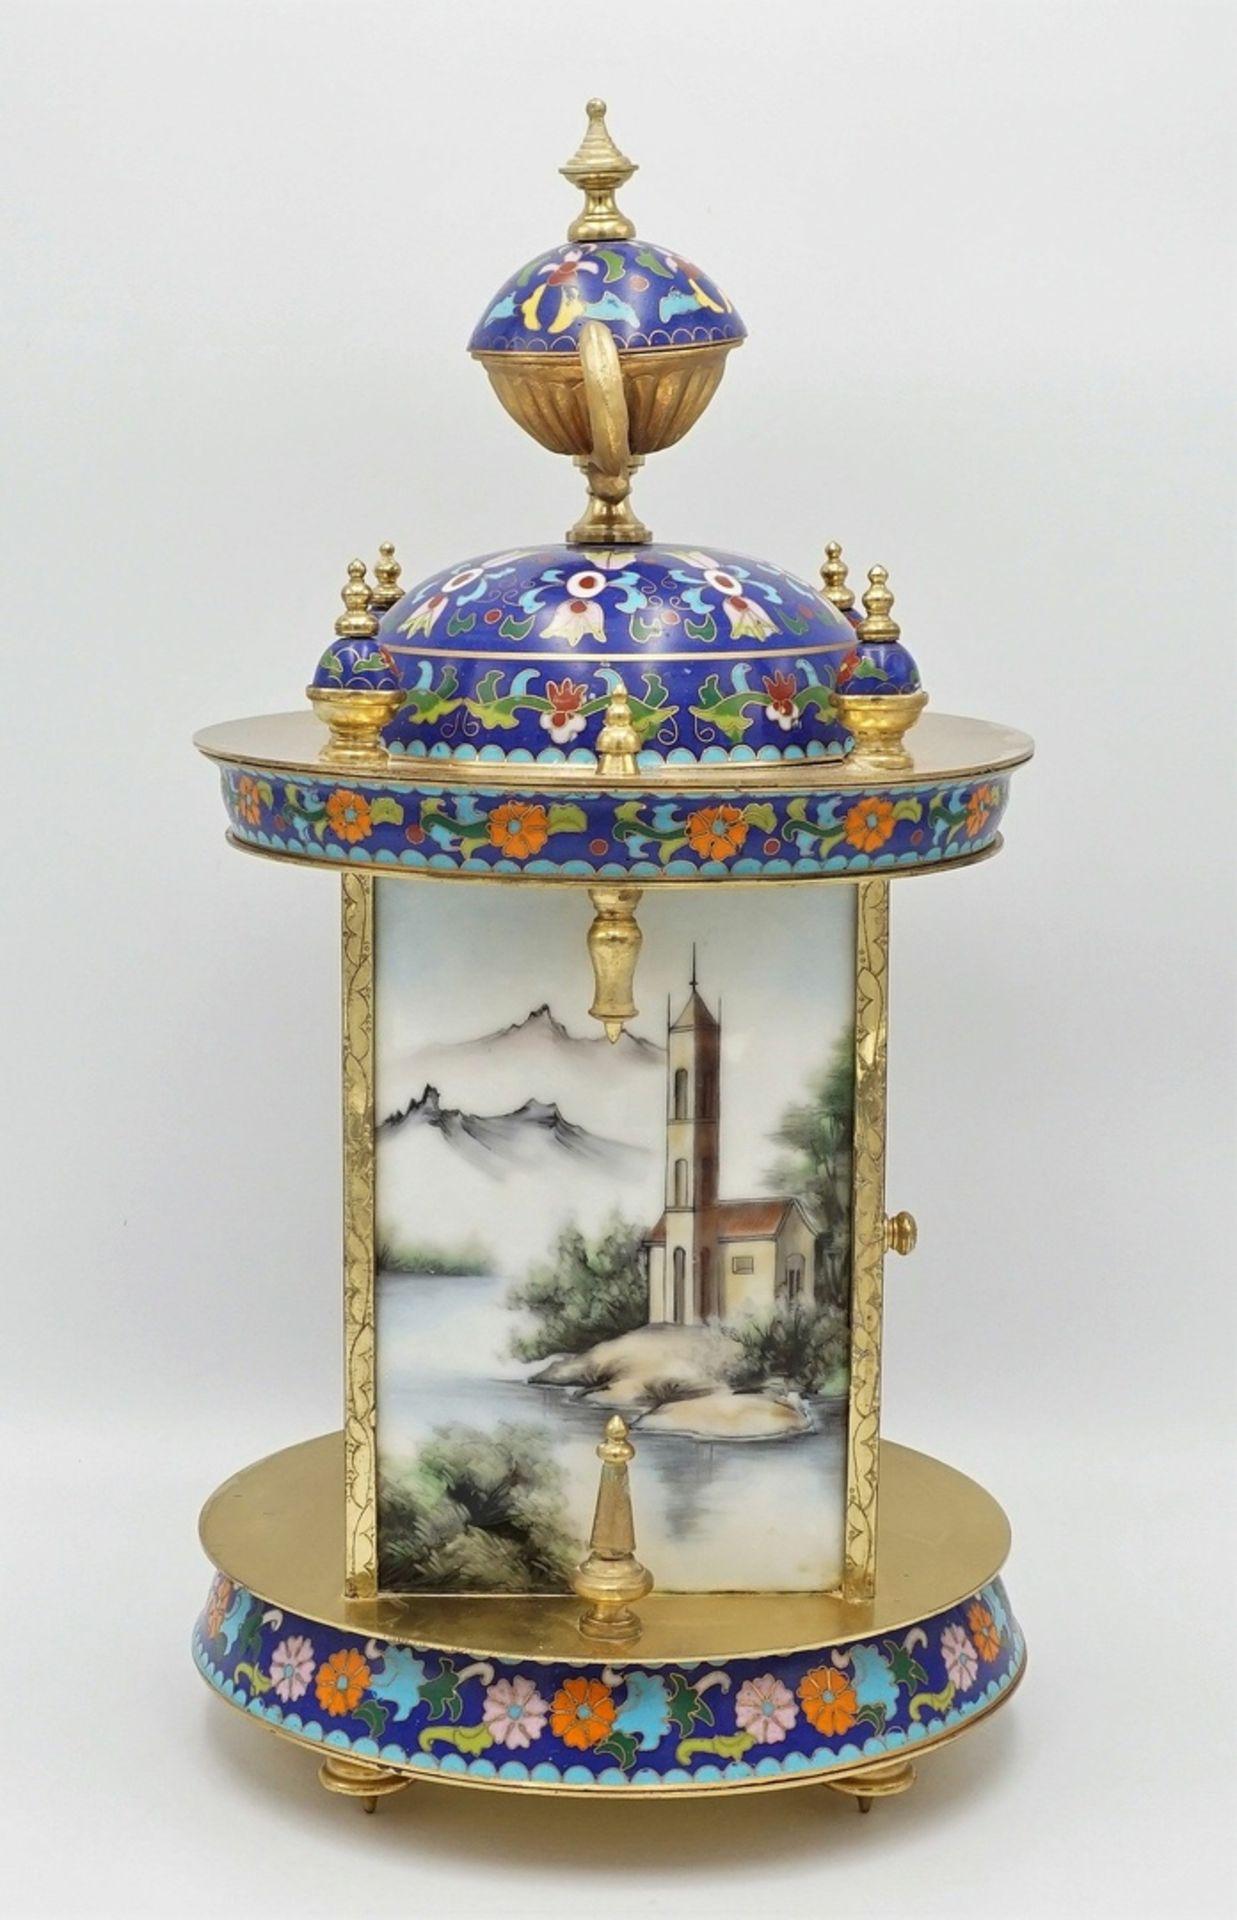 Orientalische Cloisonné Tischuhr, 2. Hälfte 20. Jh. - Bild 3 aus 5